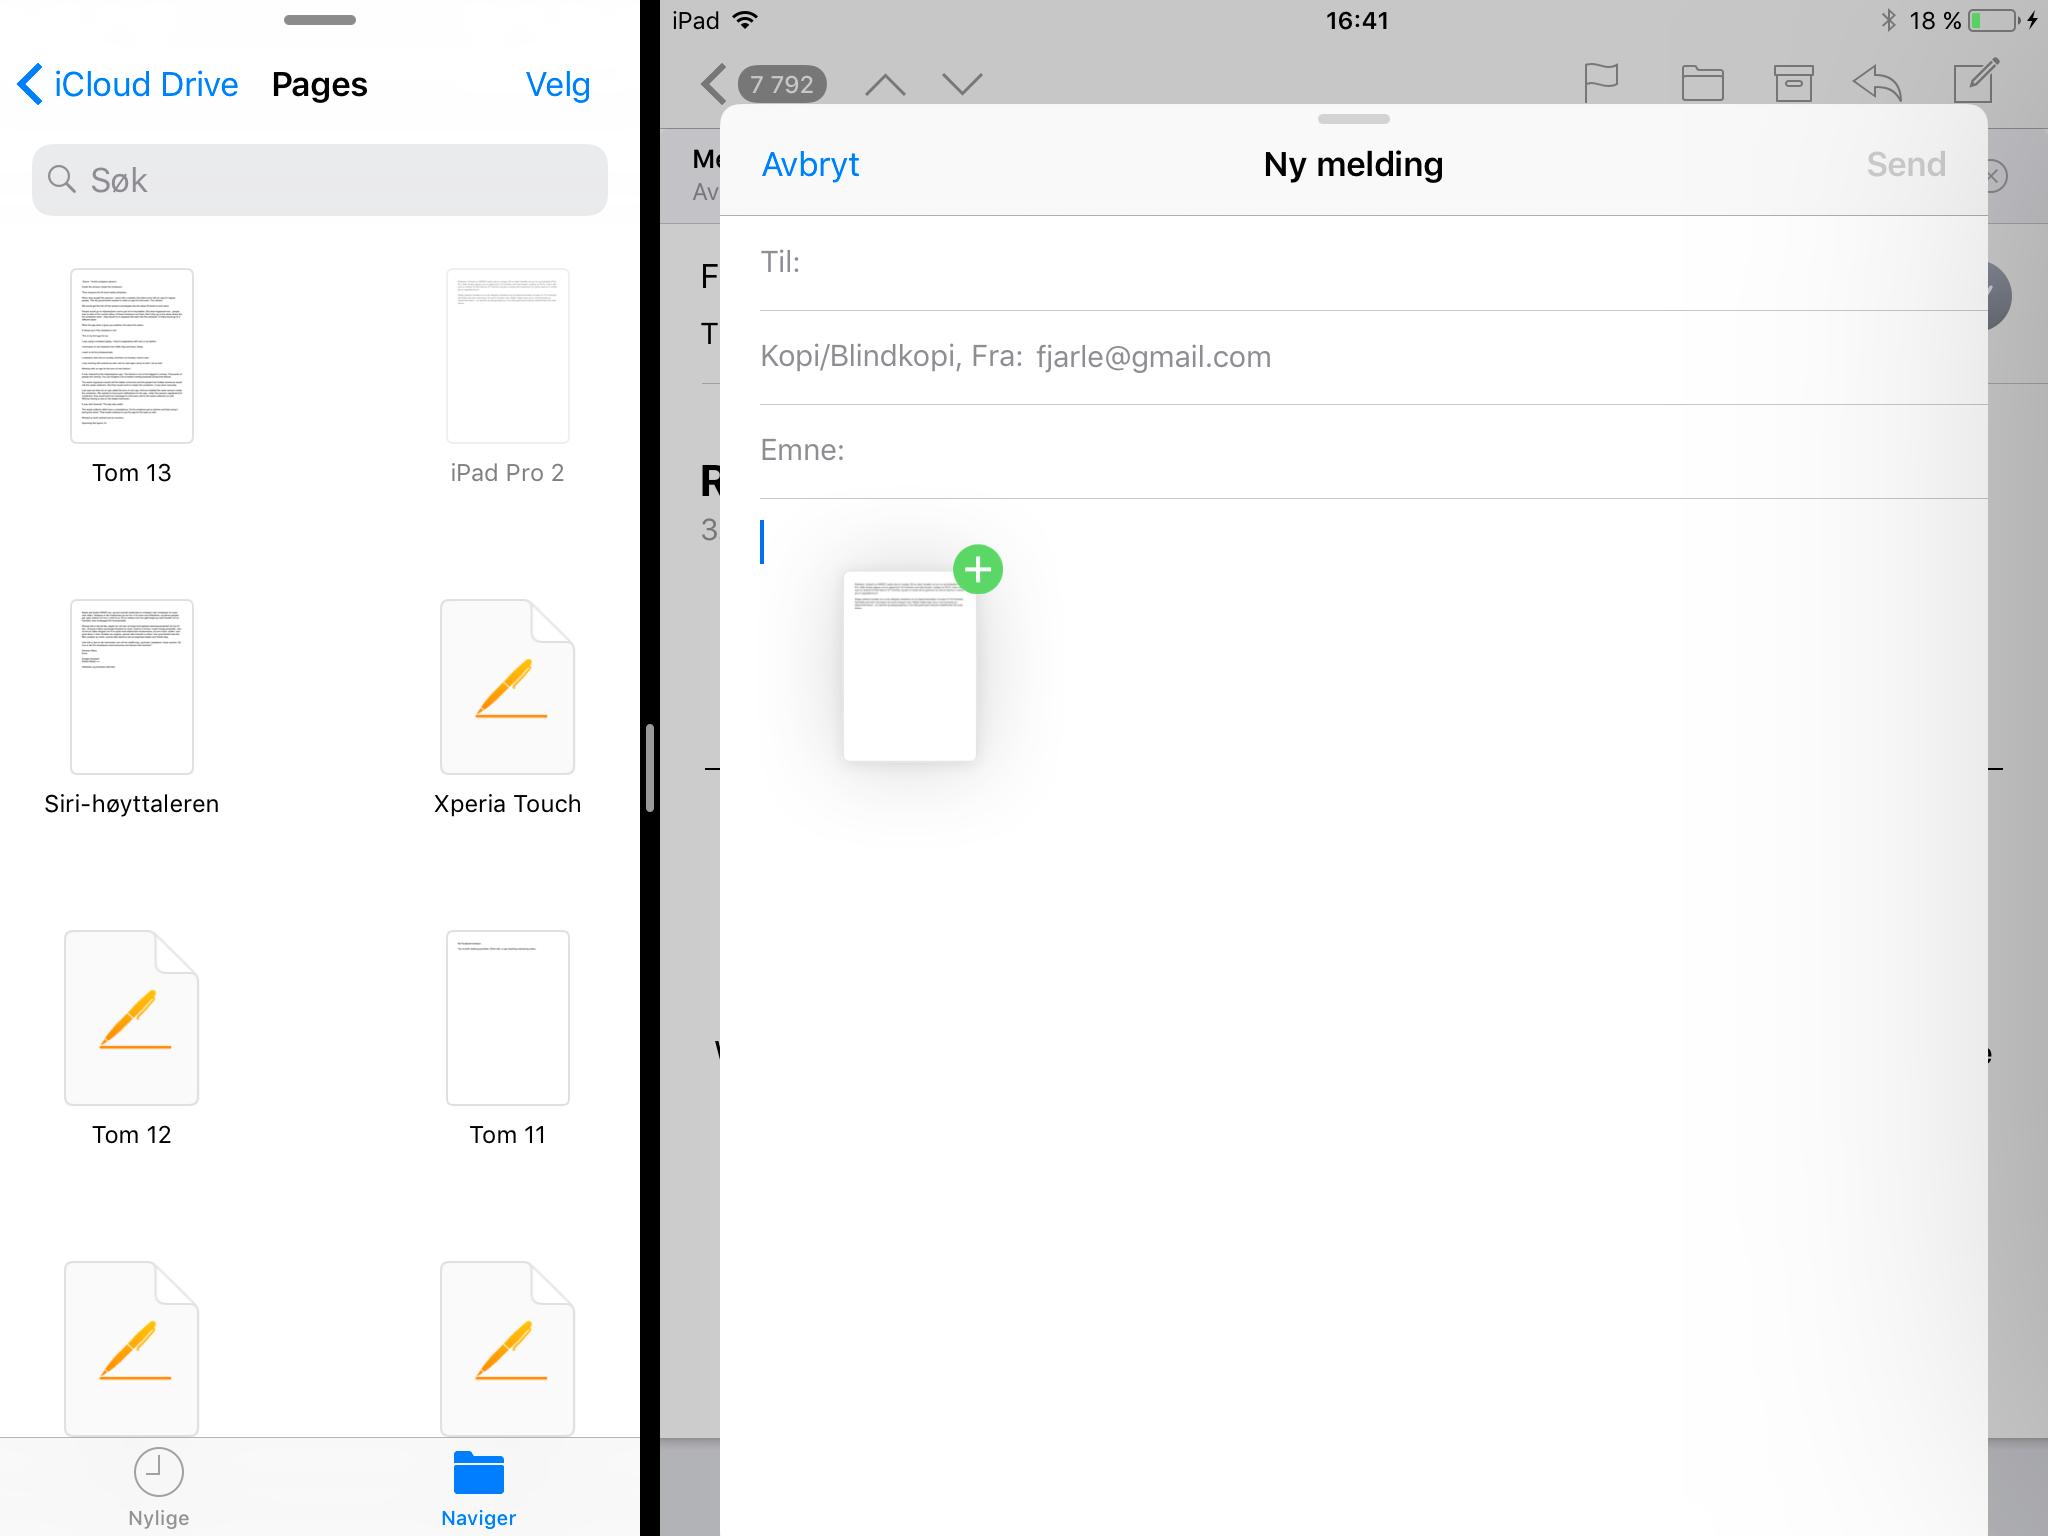 Å trekke filer mellom apper tilfører betydelig merverdi til å dele skjermen mellom apper. Foreløpig er det imidlertid begrenset med apper som støtter dette. Her kommer det nok langt flere så fort iOS 11 er ferdig.